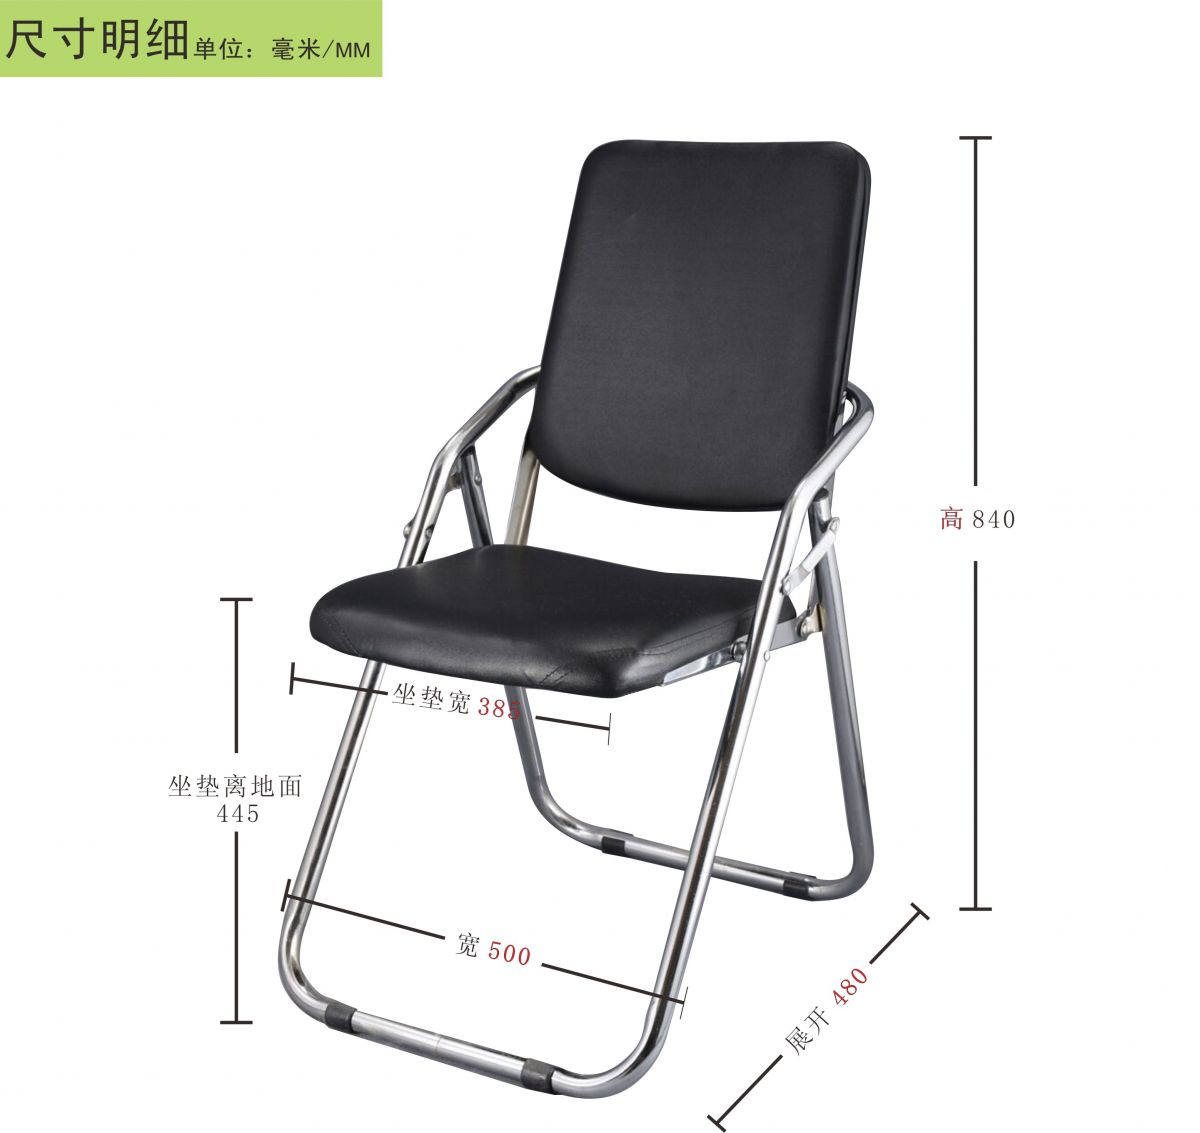 益群-简易折叠椅会议椅职员椅家用会客椅加厚加粗双折椅